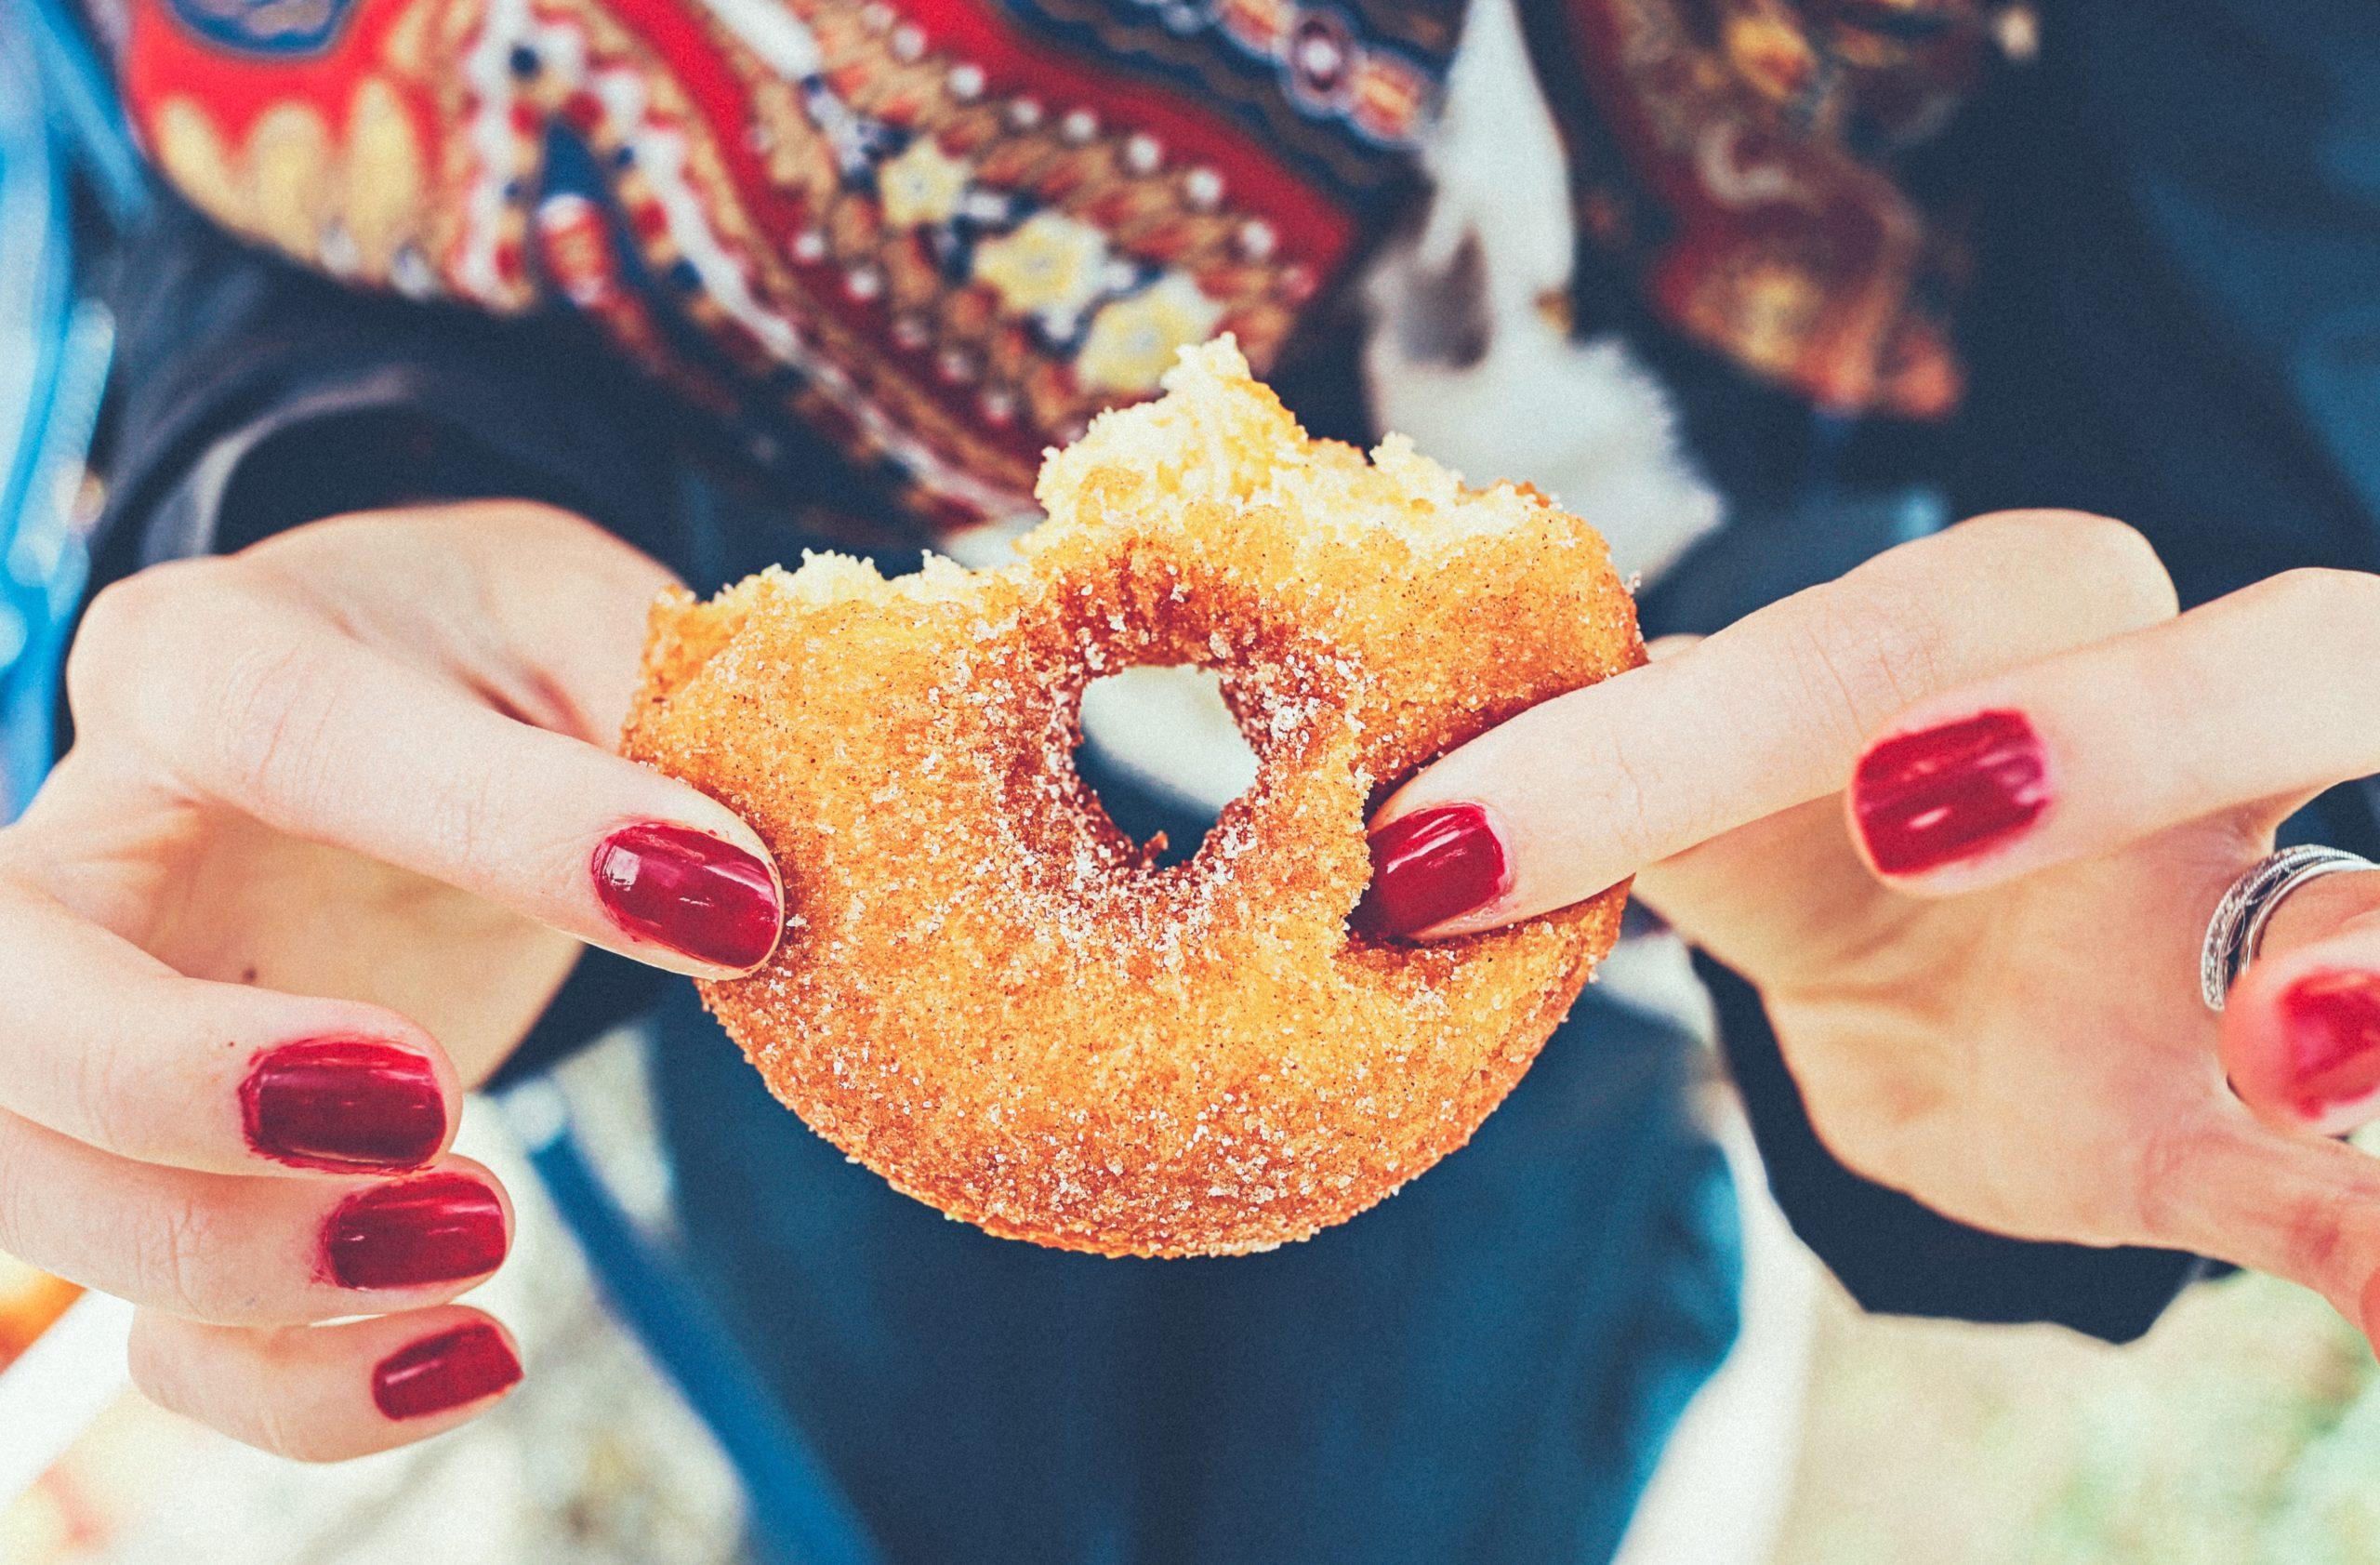 origen y beneficios de la nutricion sensorial (3)